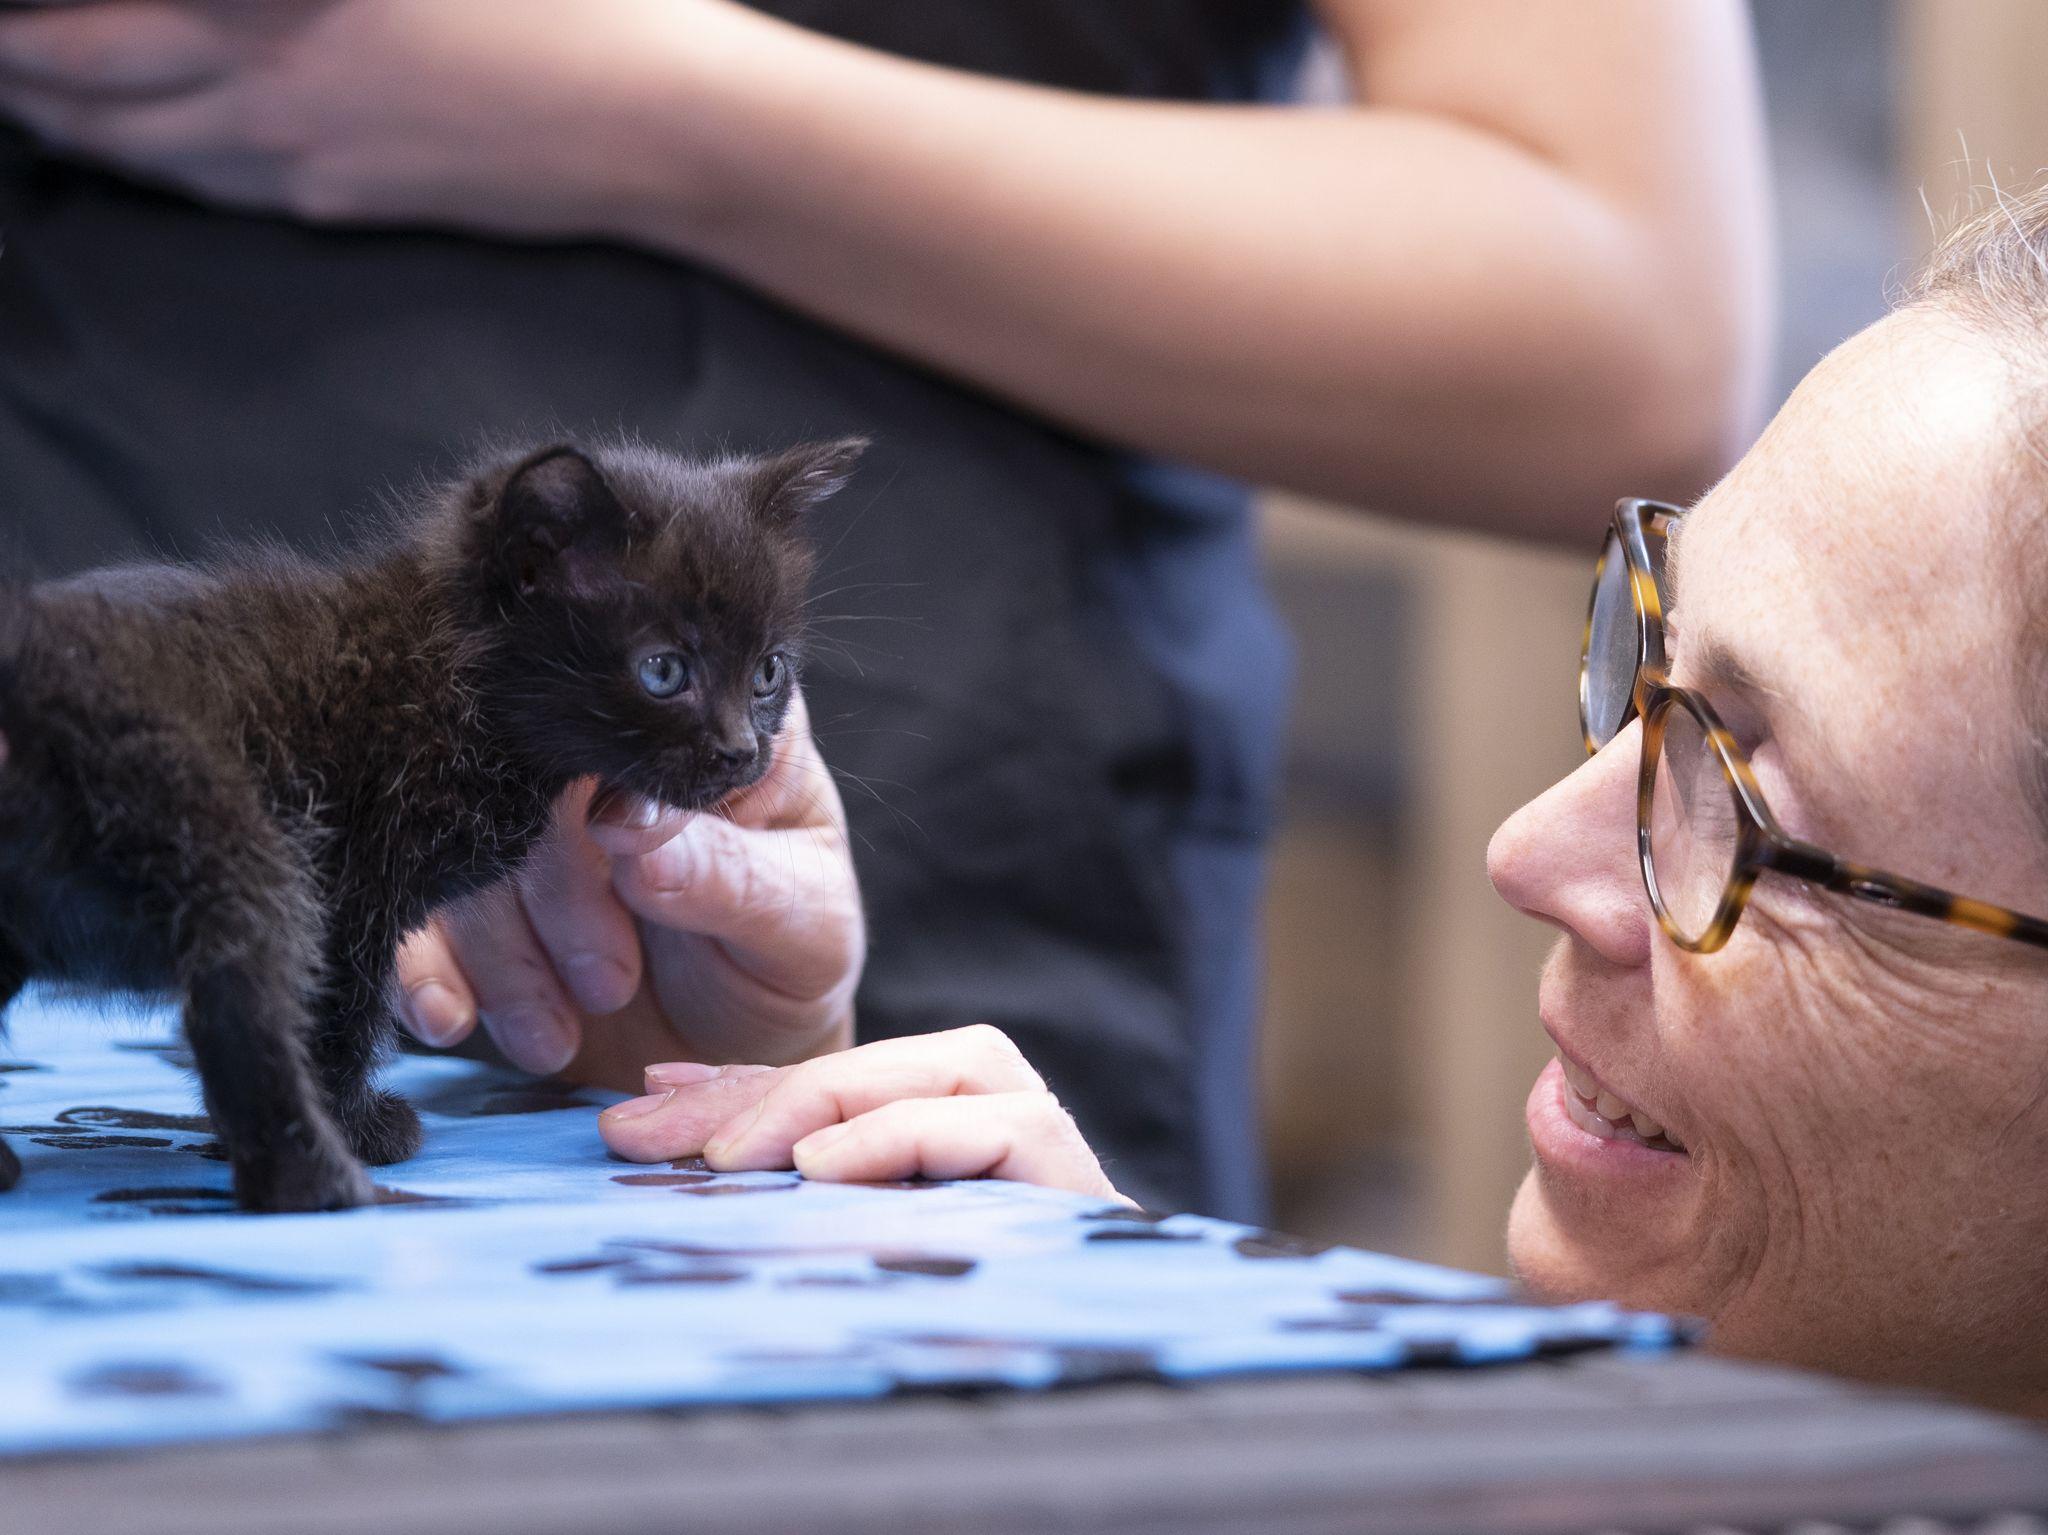 د. ميشيل أوكلاي تلاعب قطة صغيرة على سرير الفحص لديها.... [Photo of the day - نوفمبر 2020]